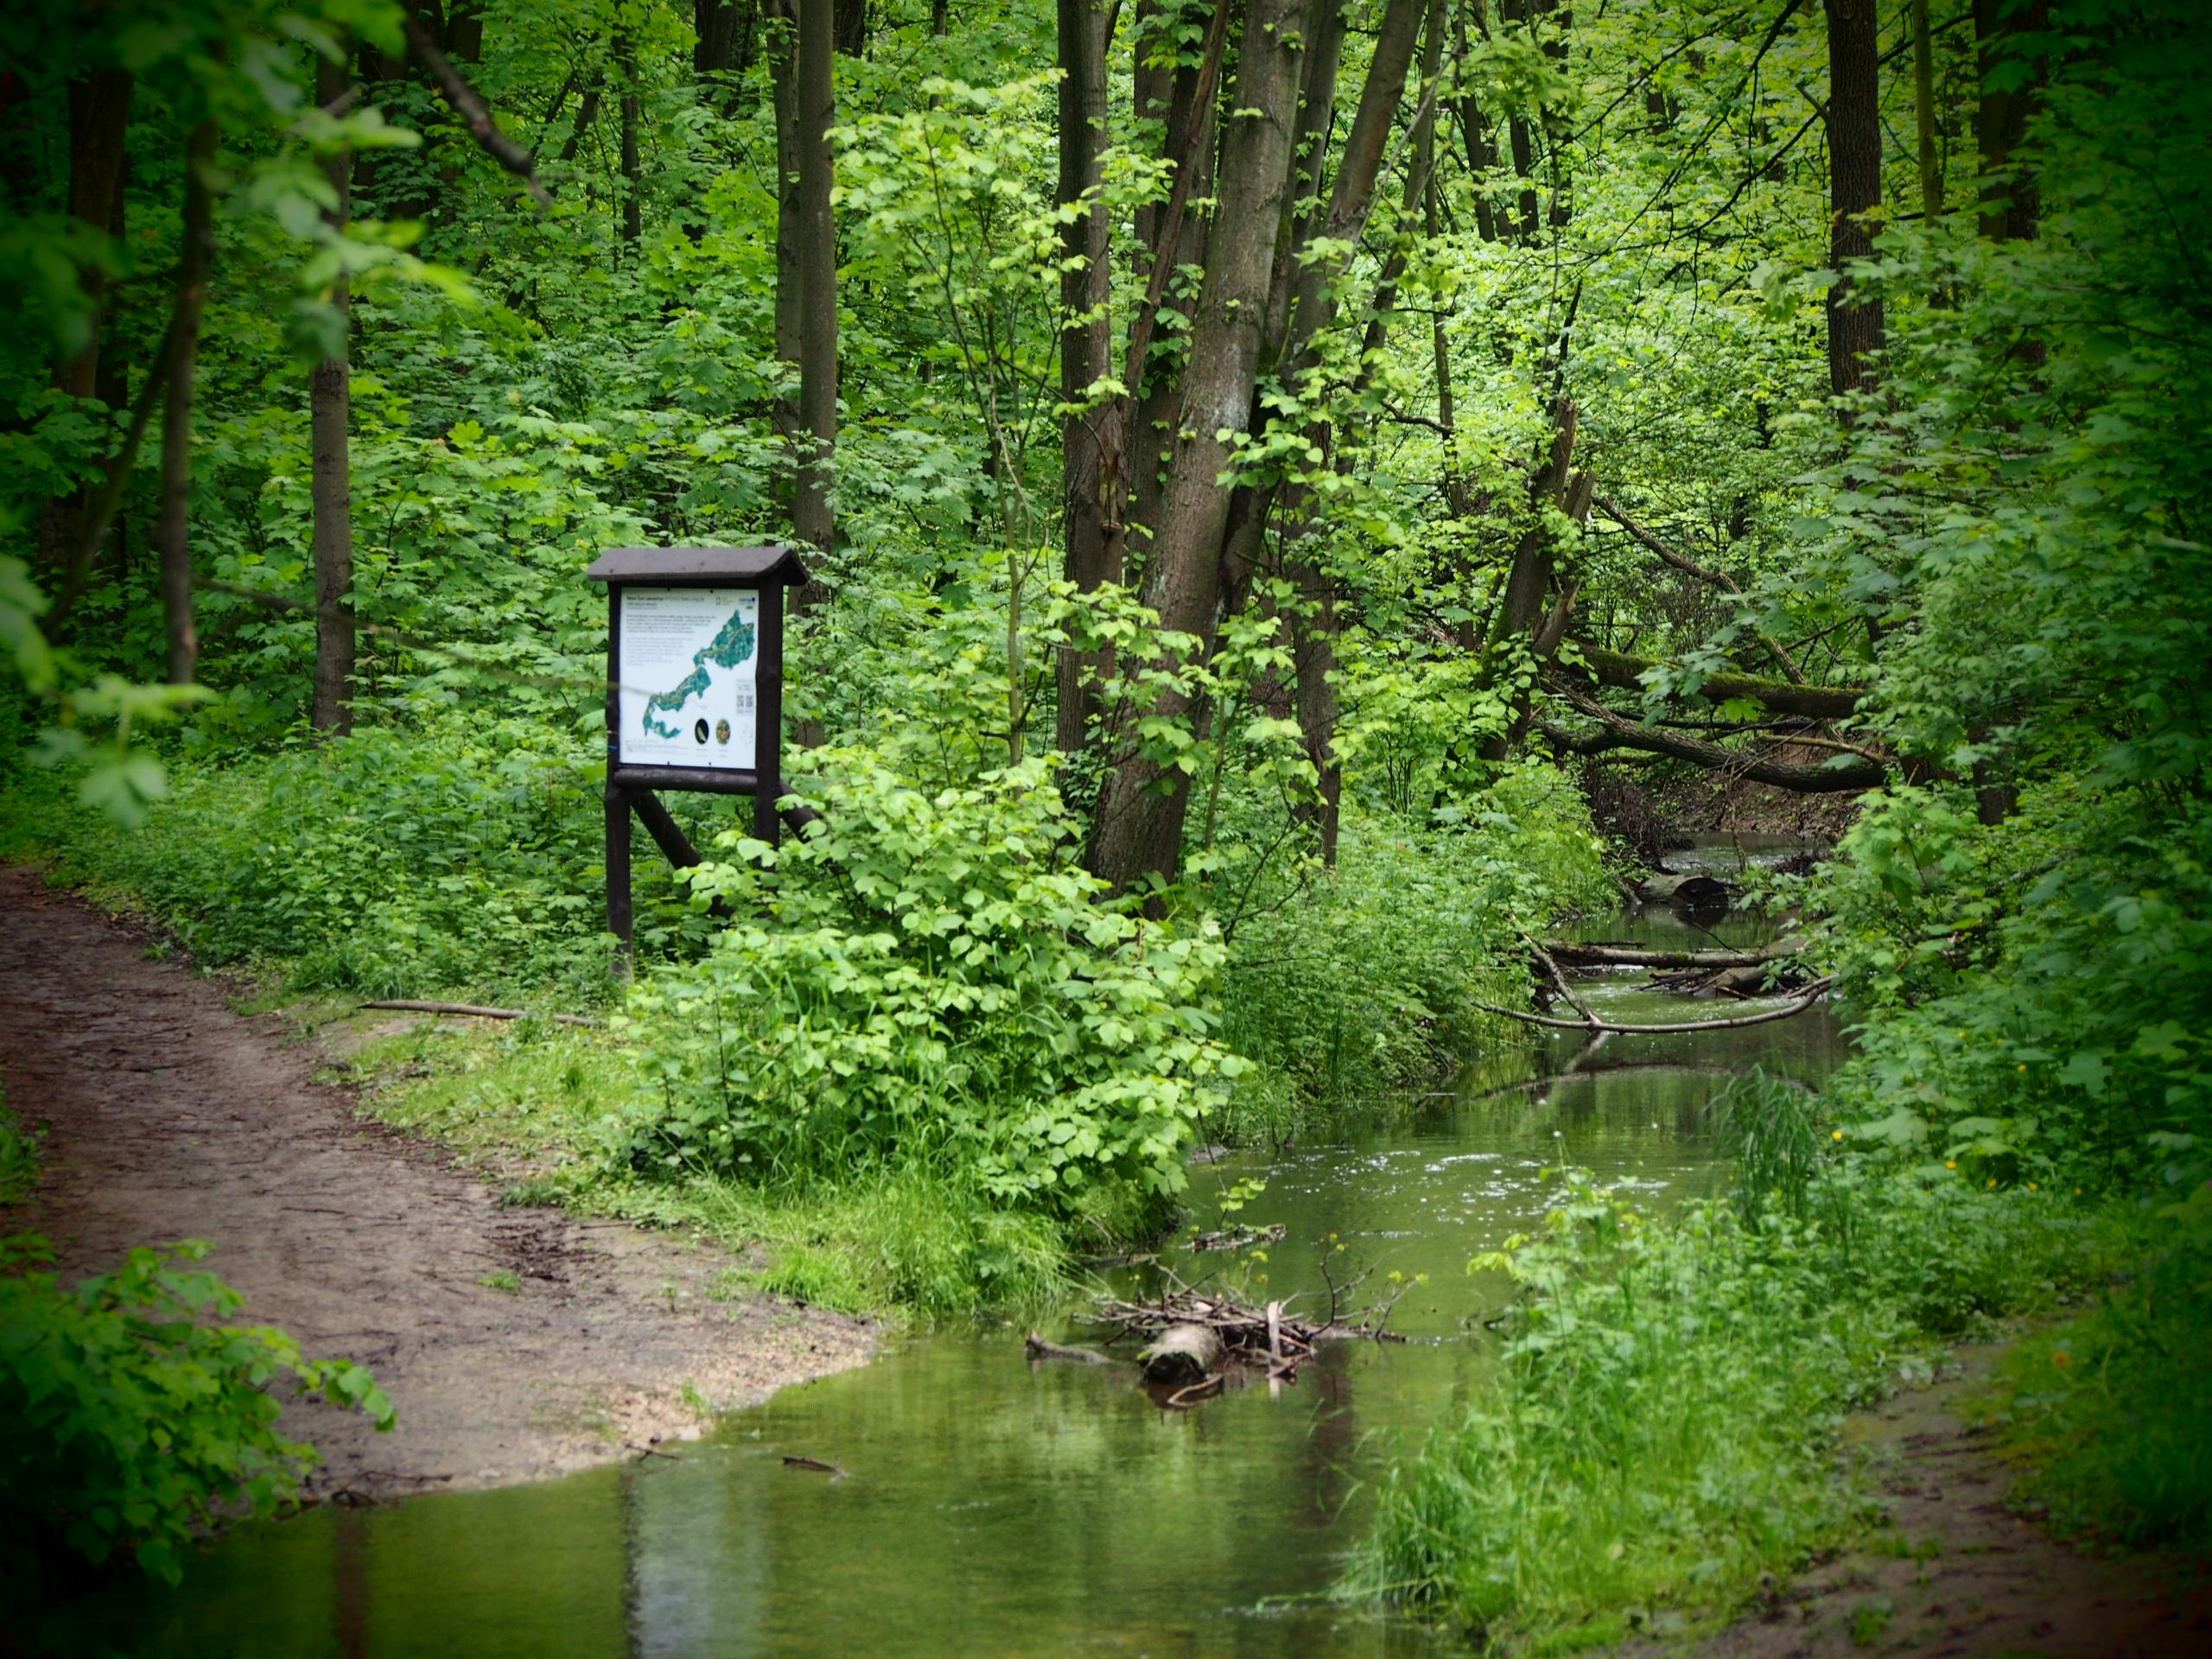 Ścieżka w lesie z płynącą obok rzeką